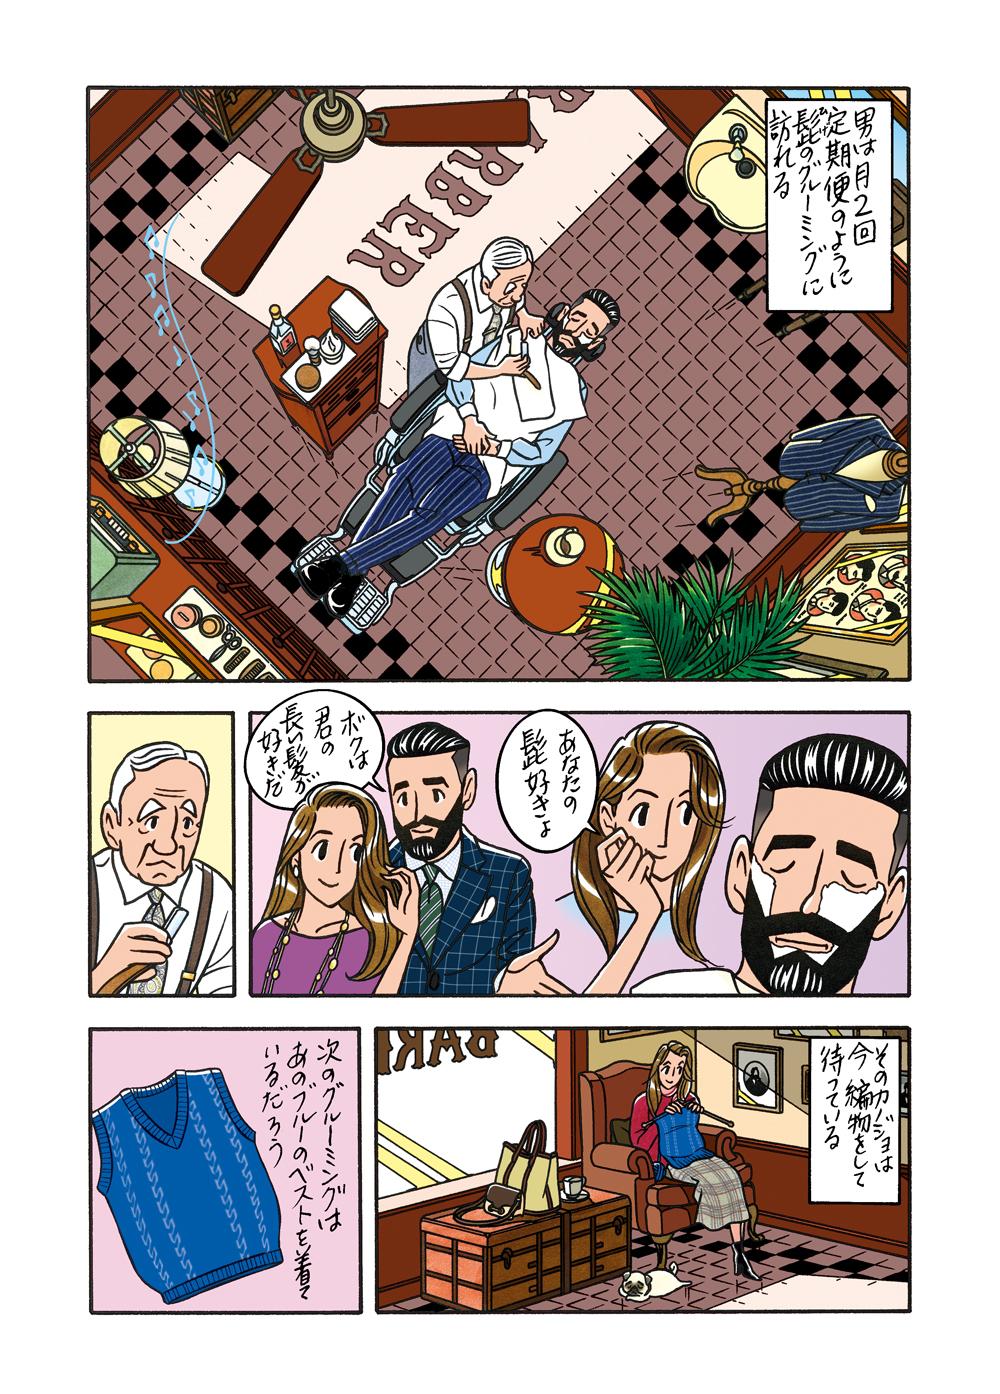 ワンダーカクテル 【第22話 その男の髭】1ページ目画像